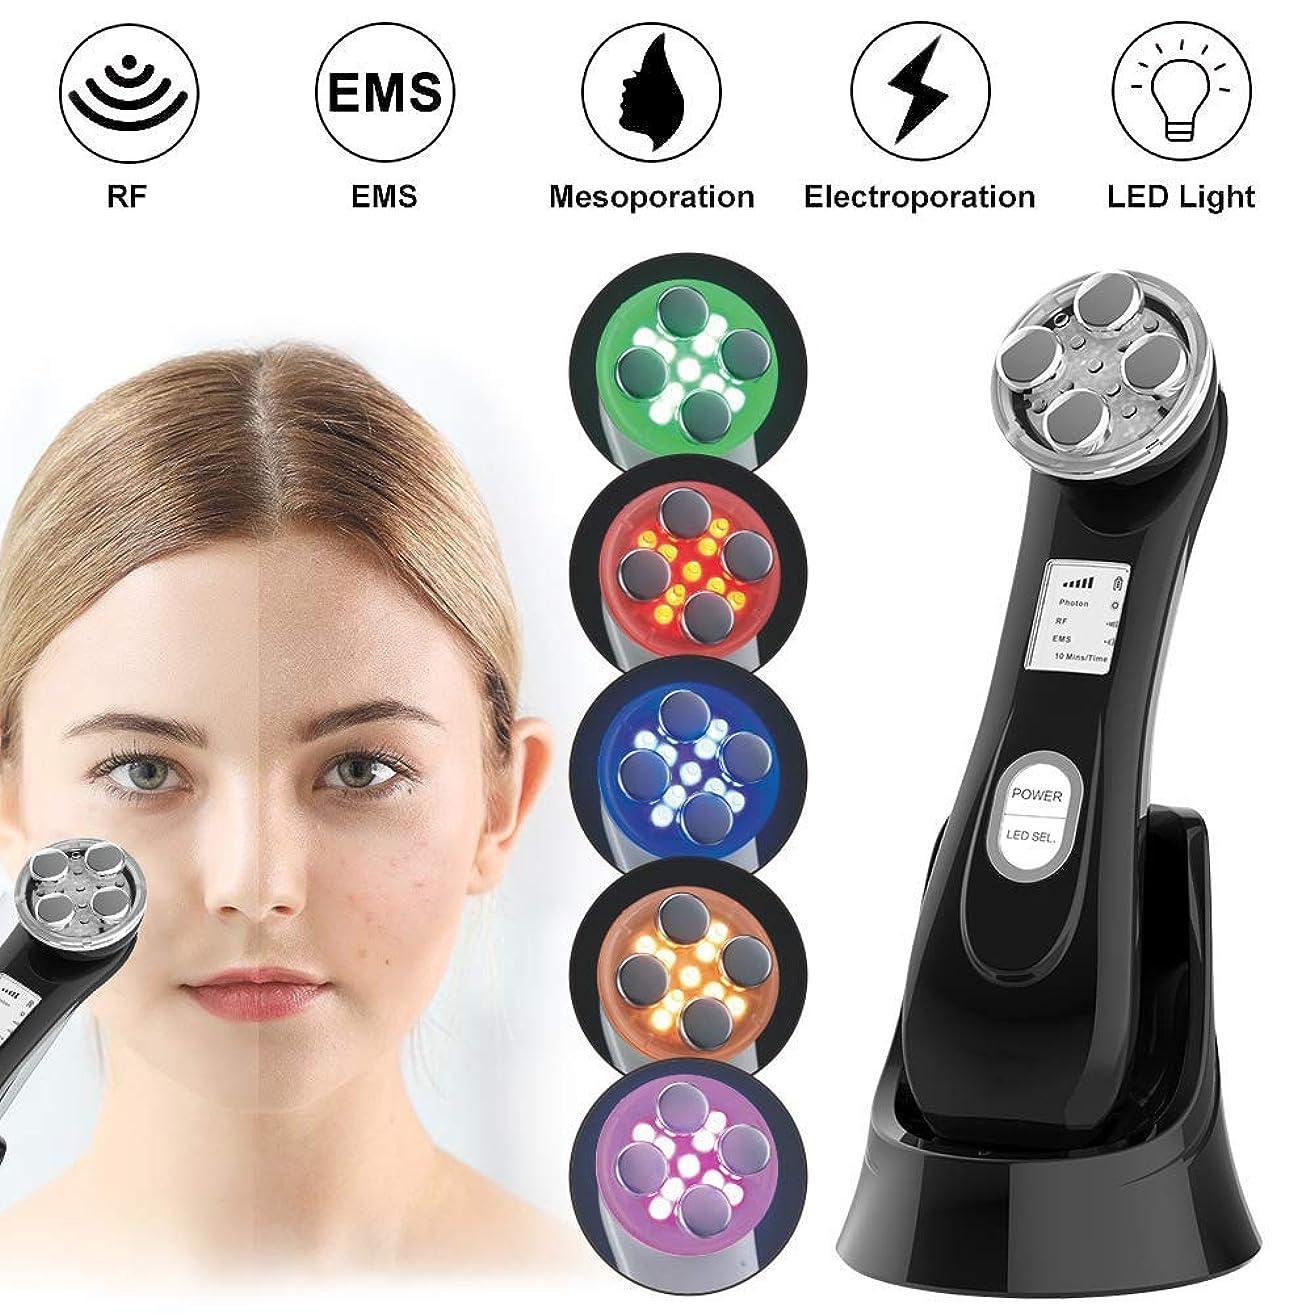 記者不名誉な光電肌の引き締め機、しわ除去機、6 in 1 RF美容アンチエイジングアンチニキビフェイシャルリフティング美容機高周波USB充電式EMS超音波LEDフェイシャルフォトンフェイススキンケア